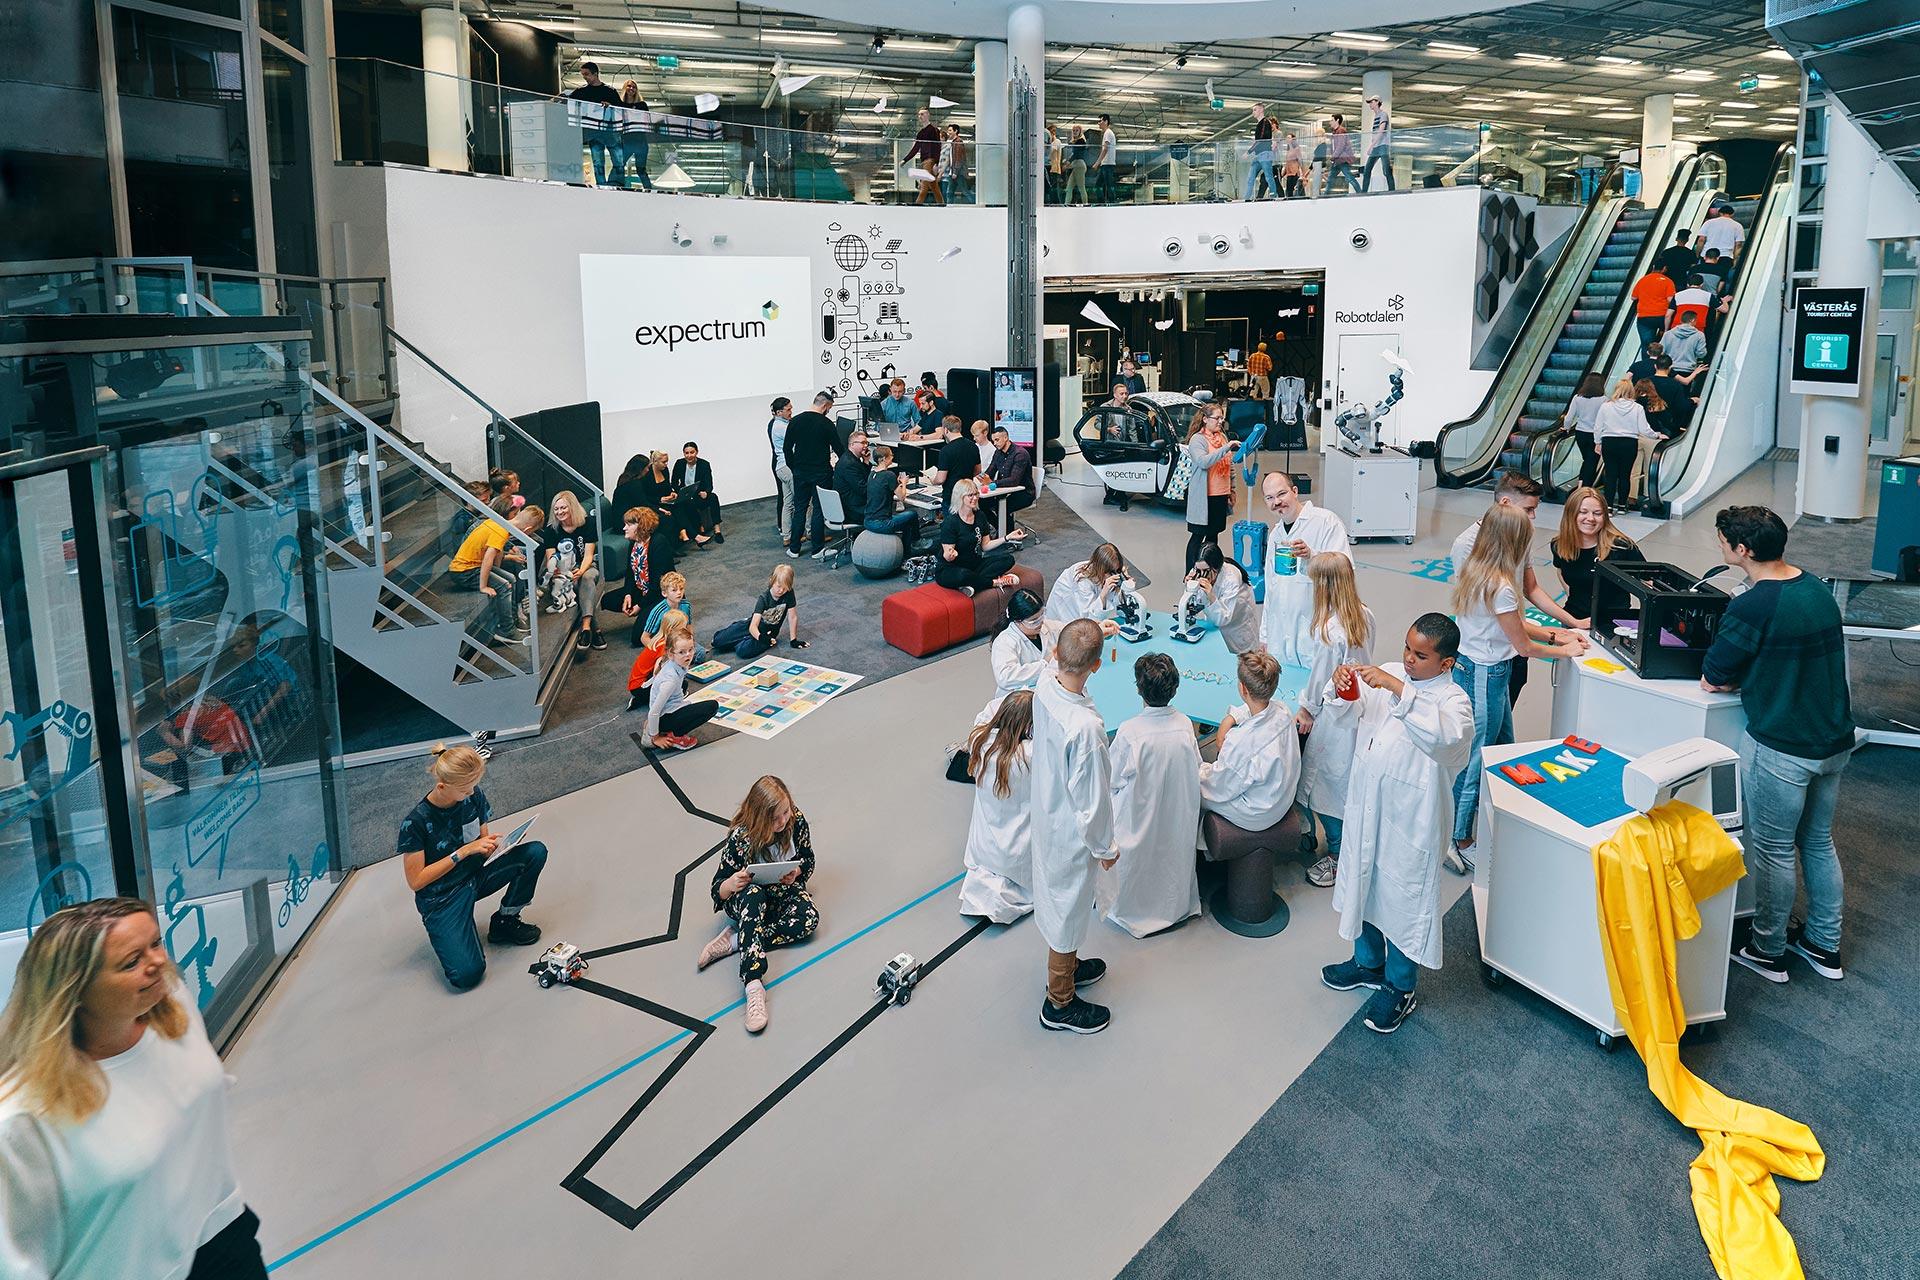 Skola, företag och organisationer möts på expectrum i Västerås. Fotograf: Pressbild